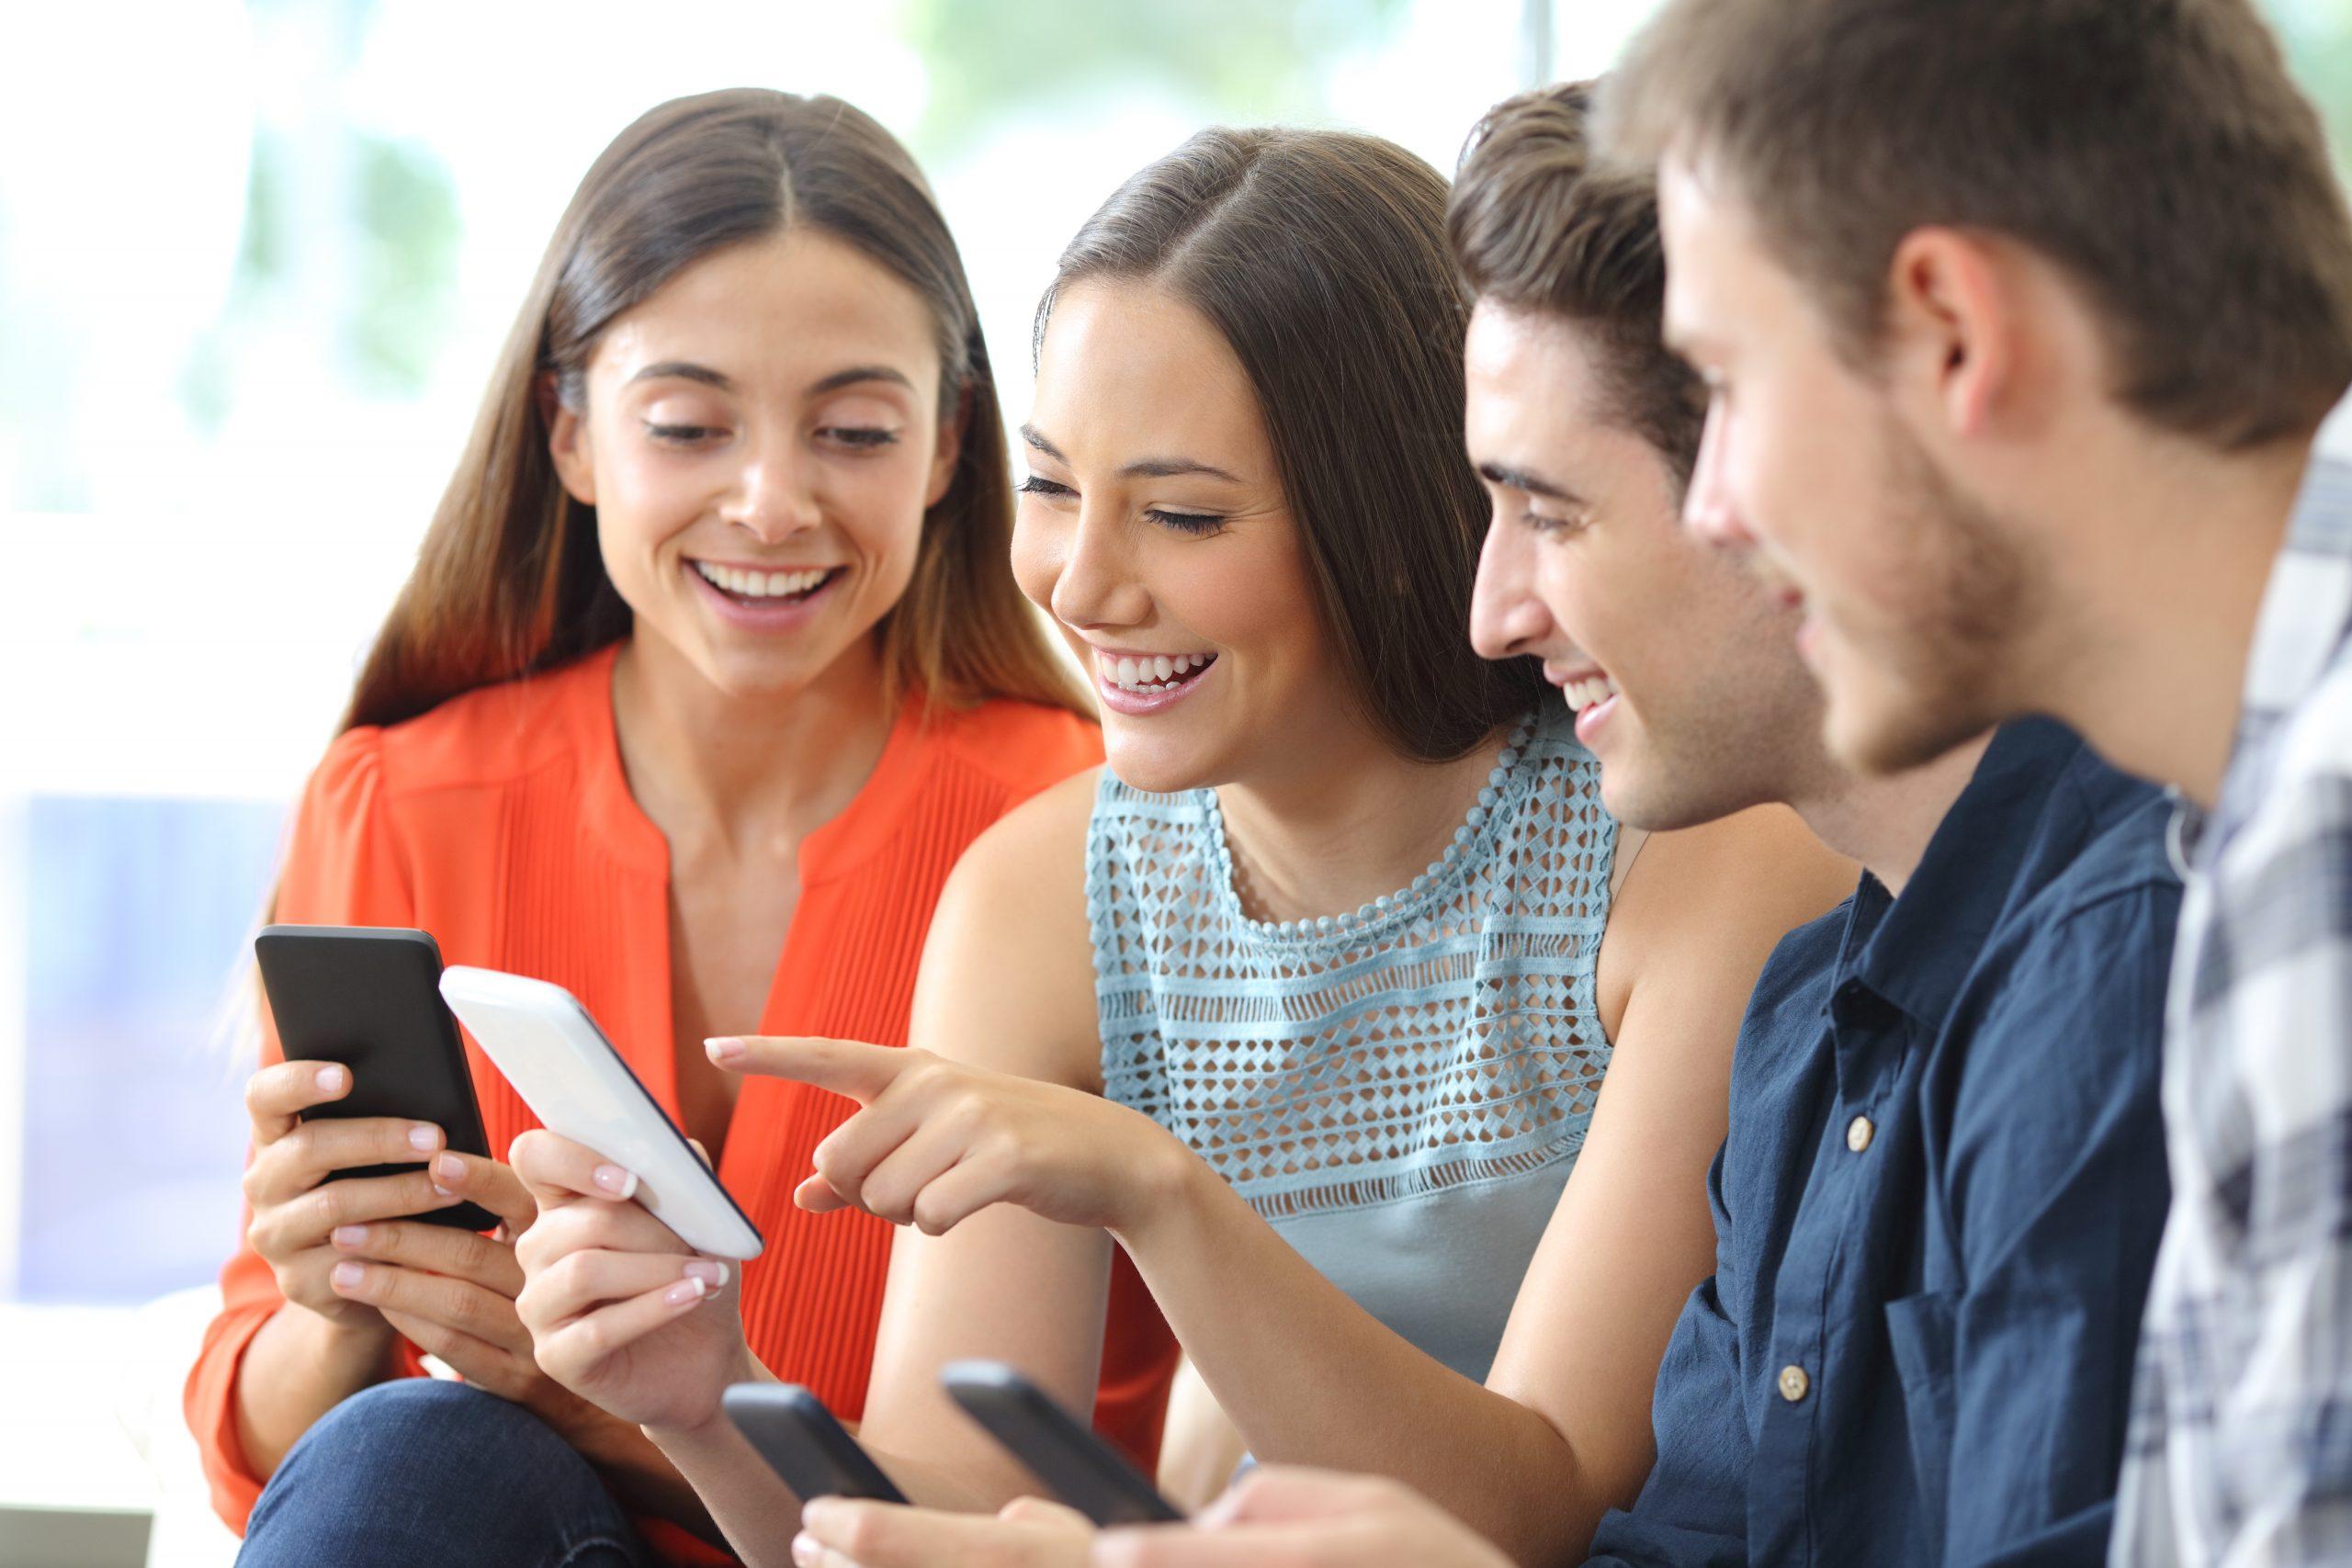 استراتژی بازاریابی در شبکه های اجتماعی